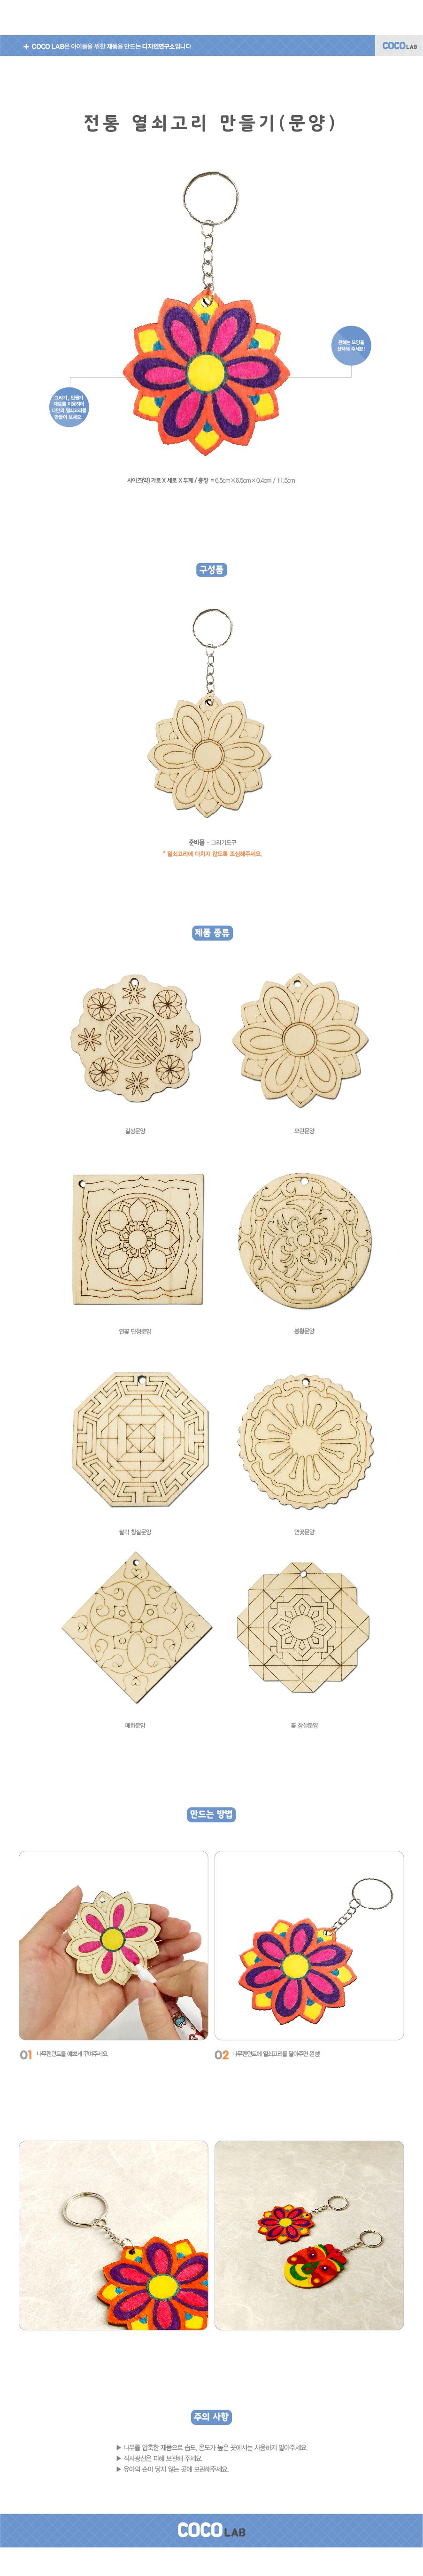 전통 열쇠고리 만들기 (문양)